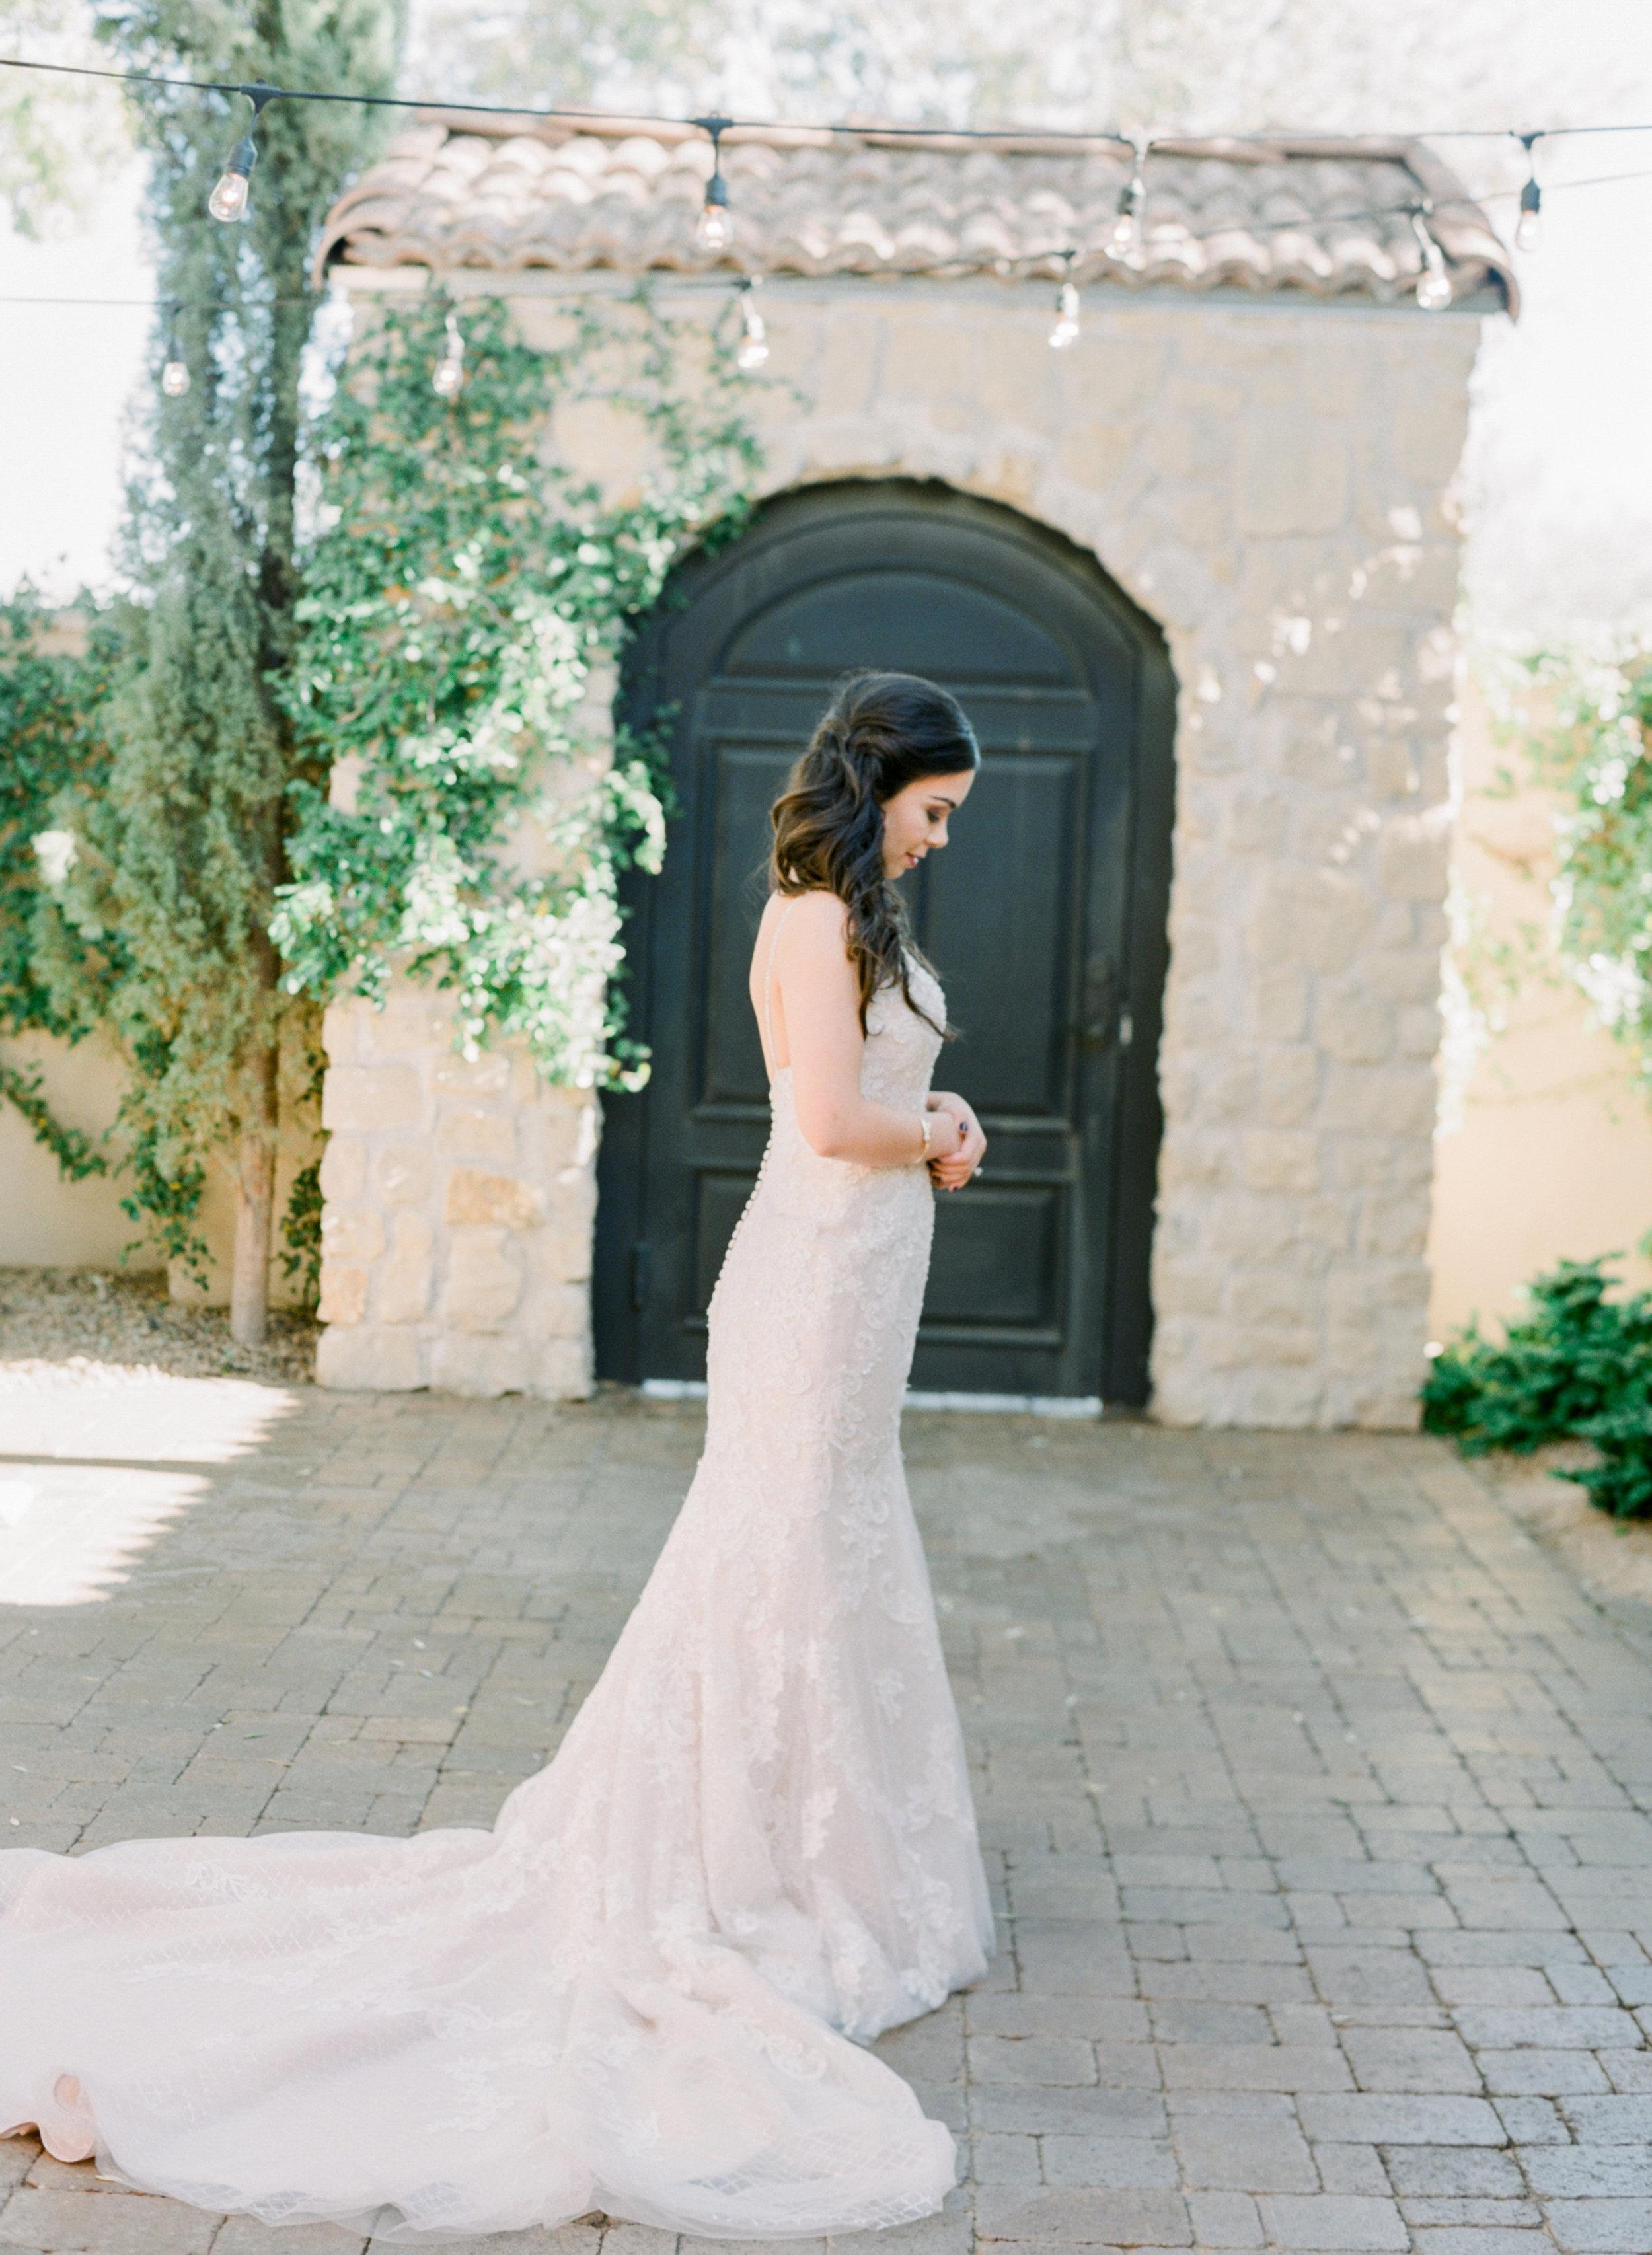 Bridal4thewin-gina7.jpg